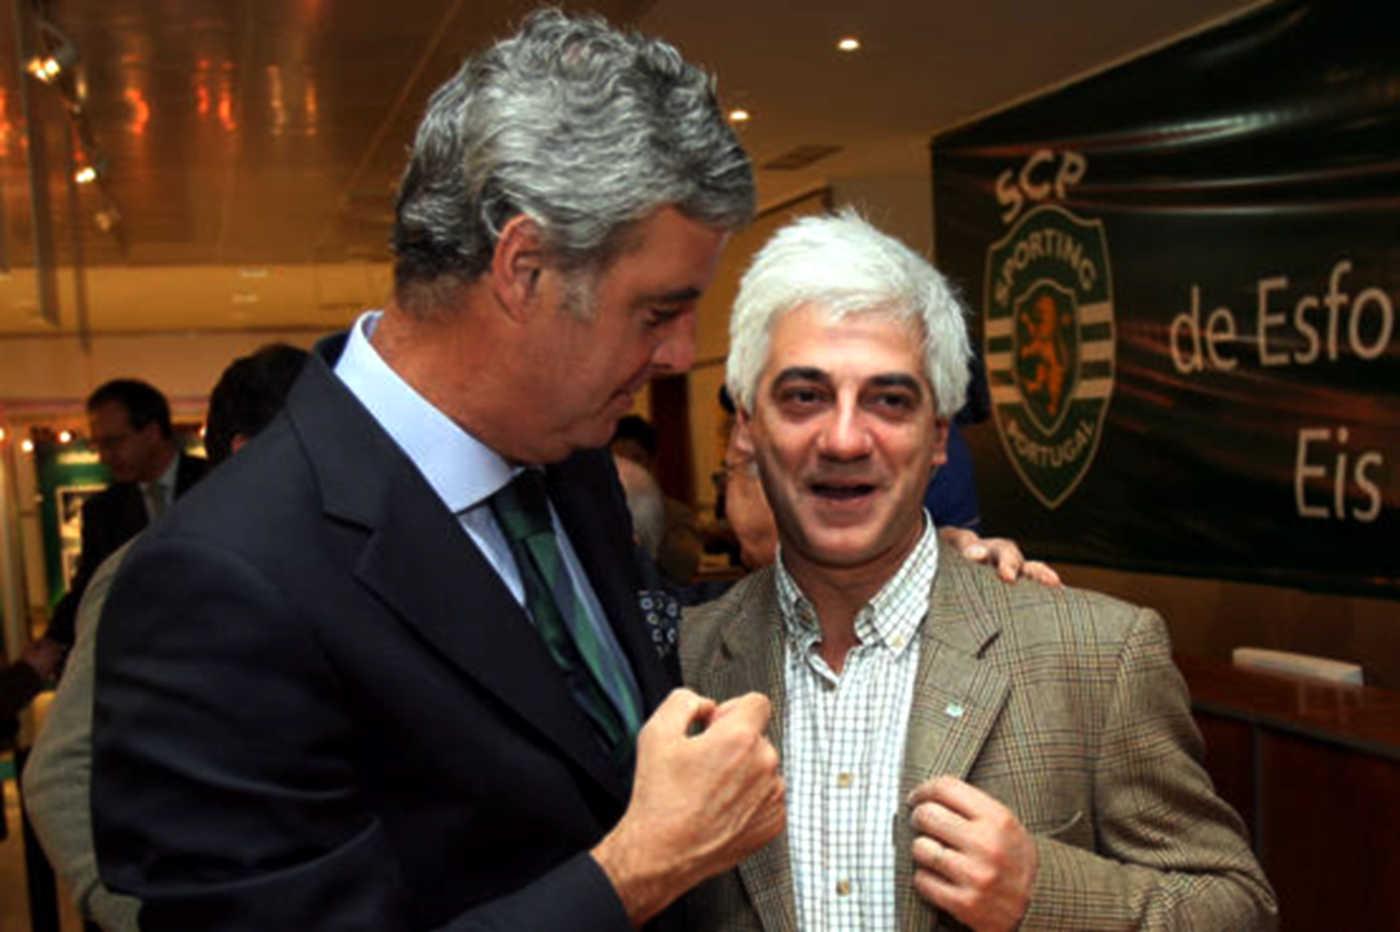 Bettencourt em 2008: «Sporting tem mais papagaios do que o Benfica»